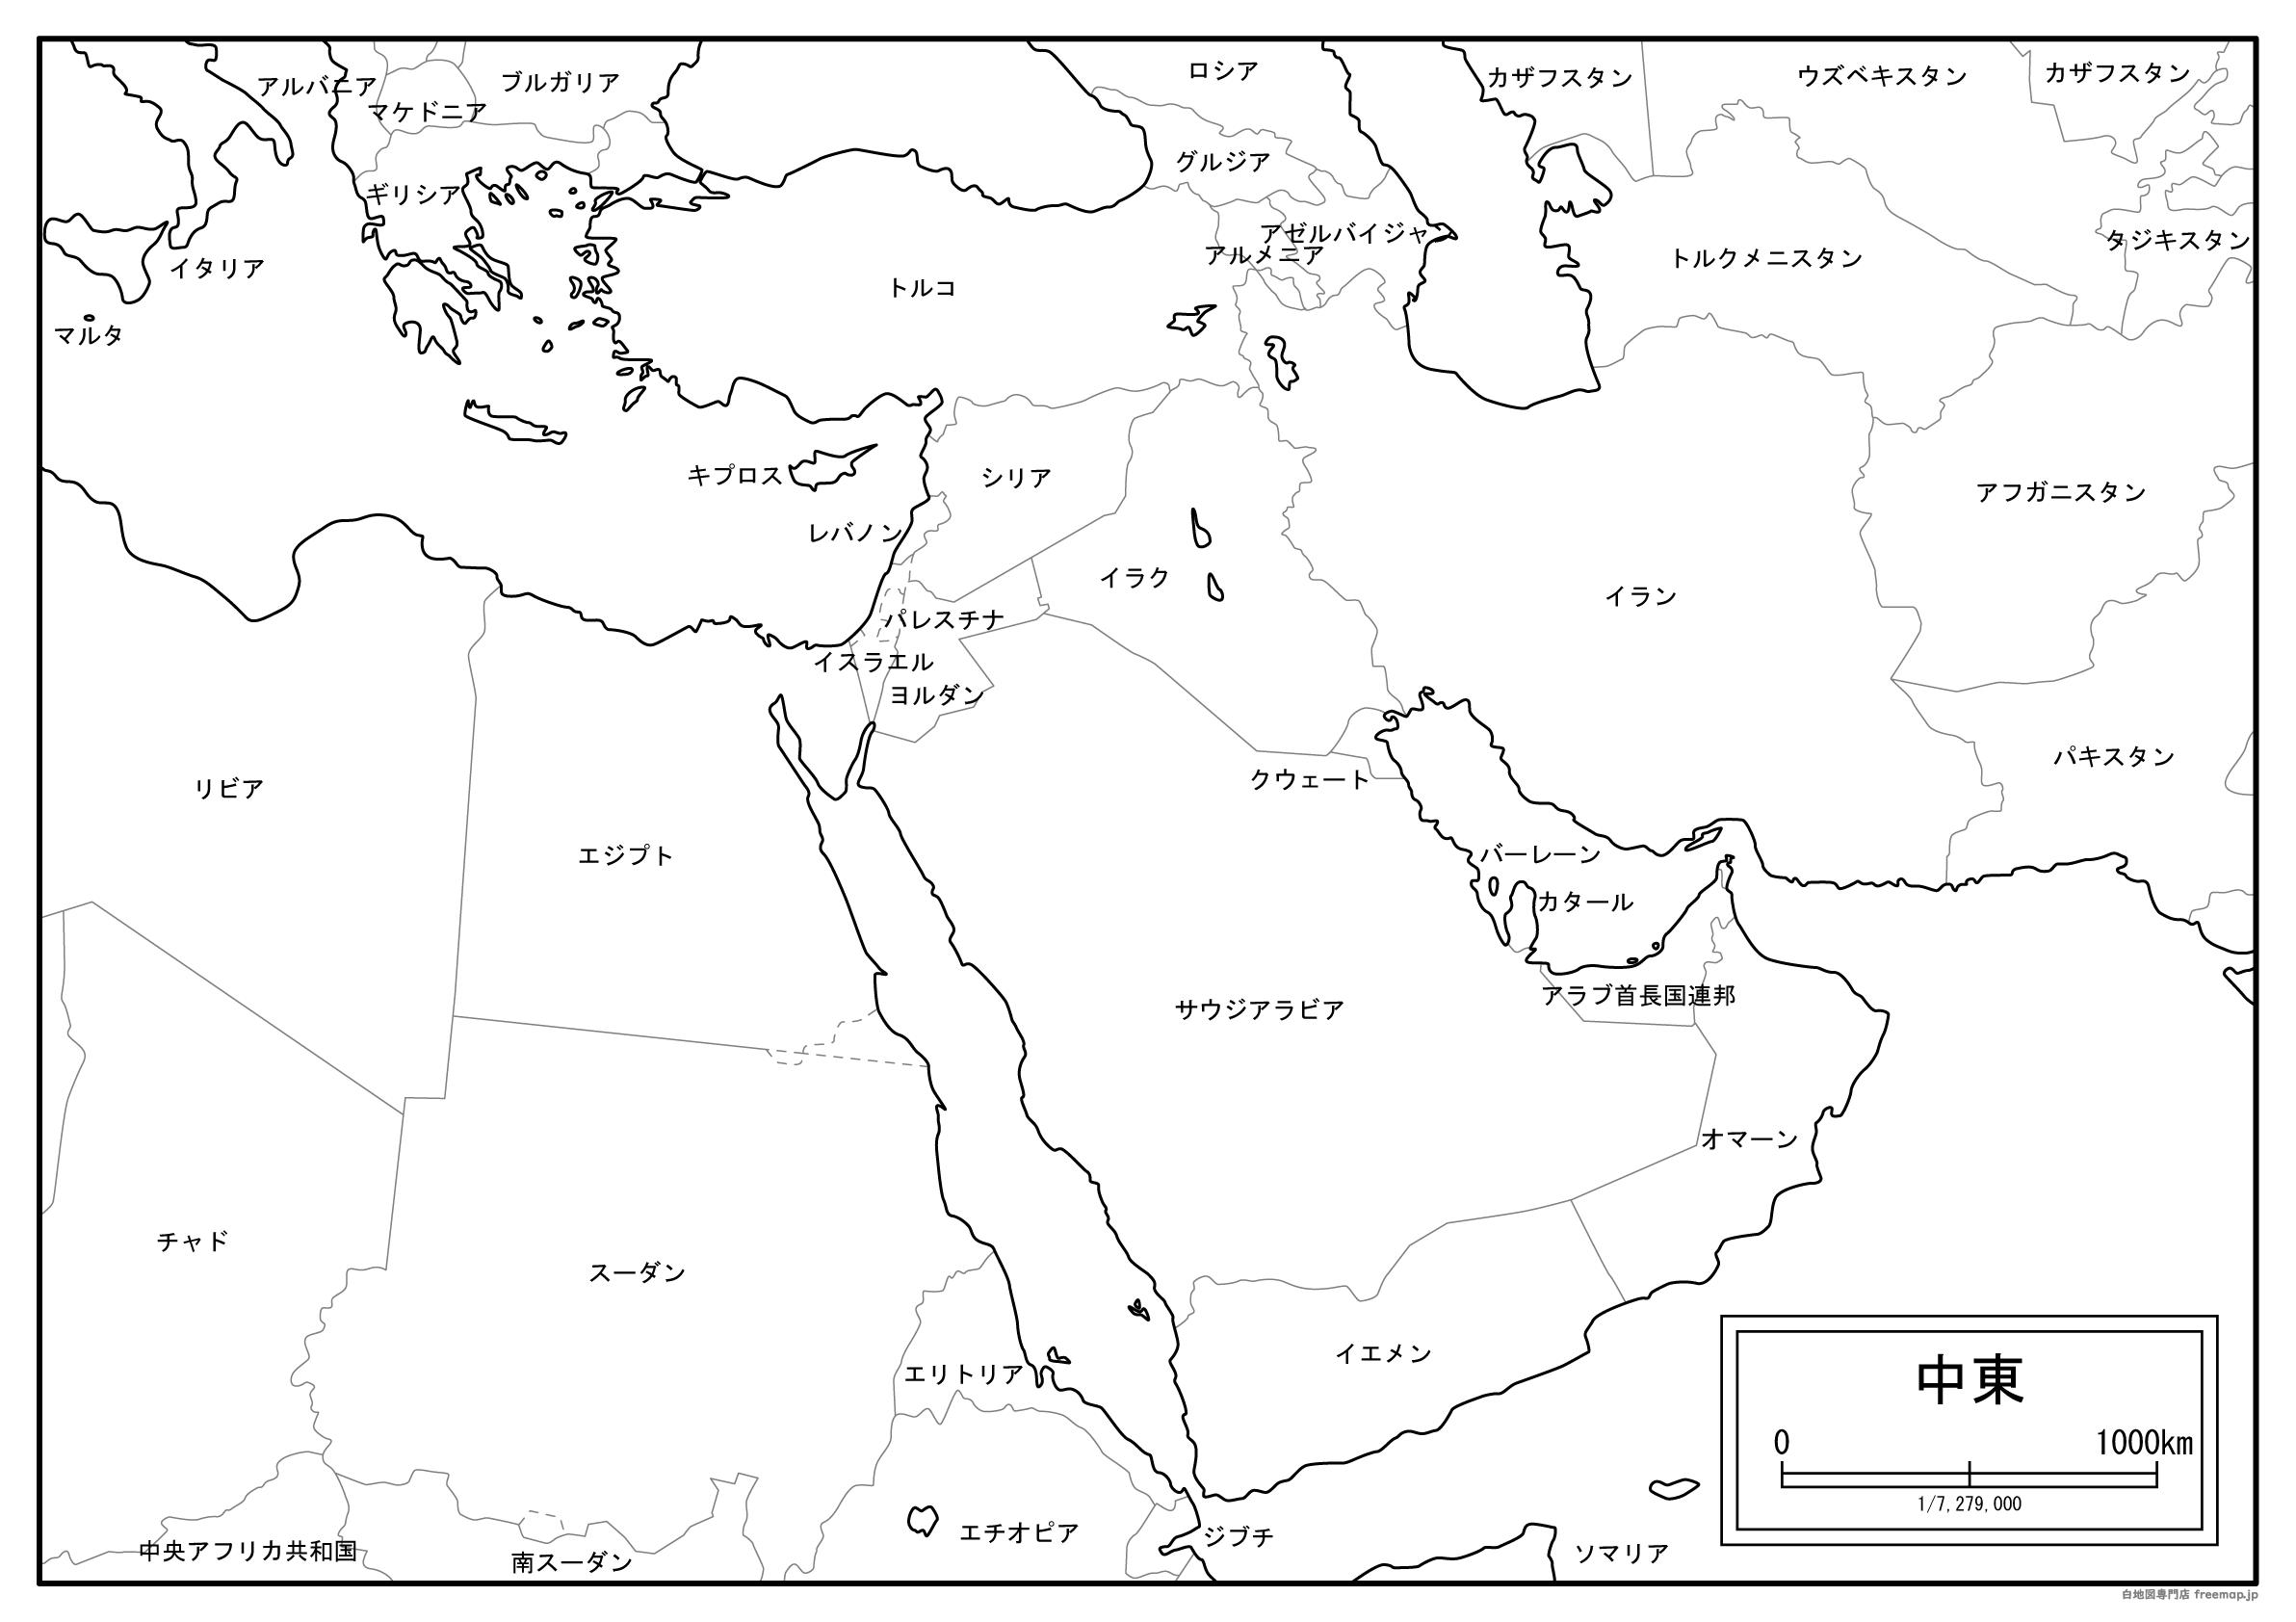 中東の白地図を無料ダウンロード | 白地図専門店